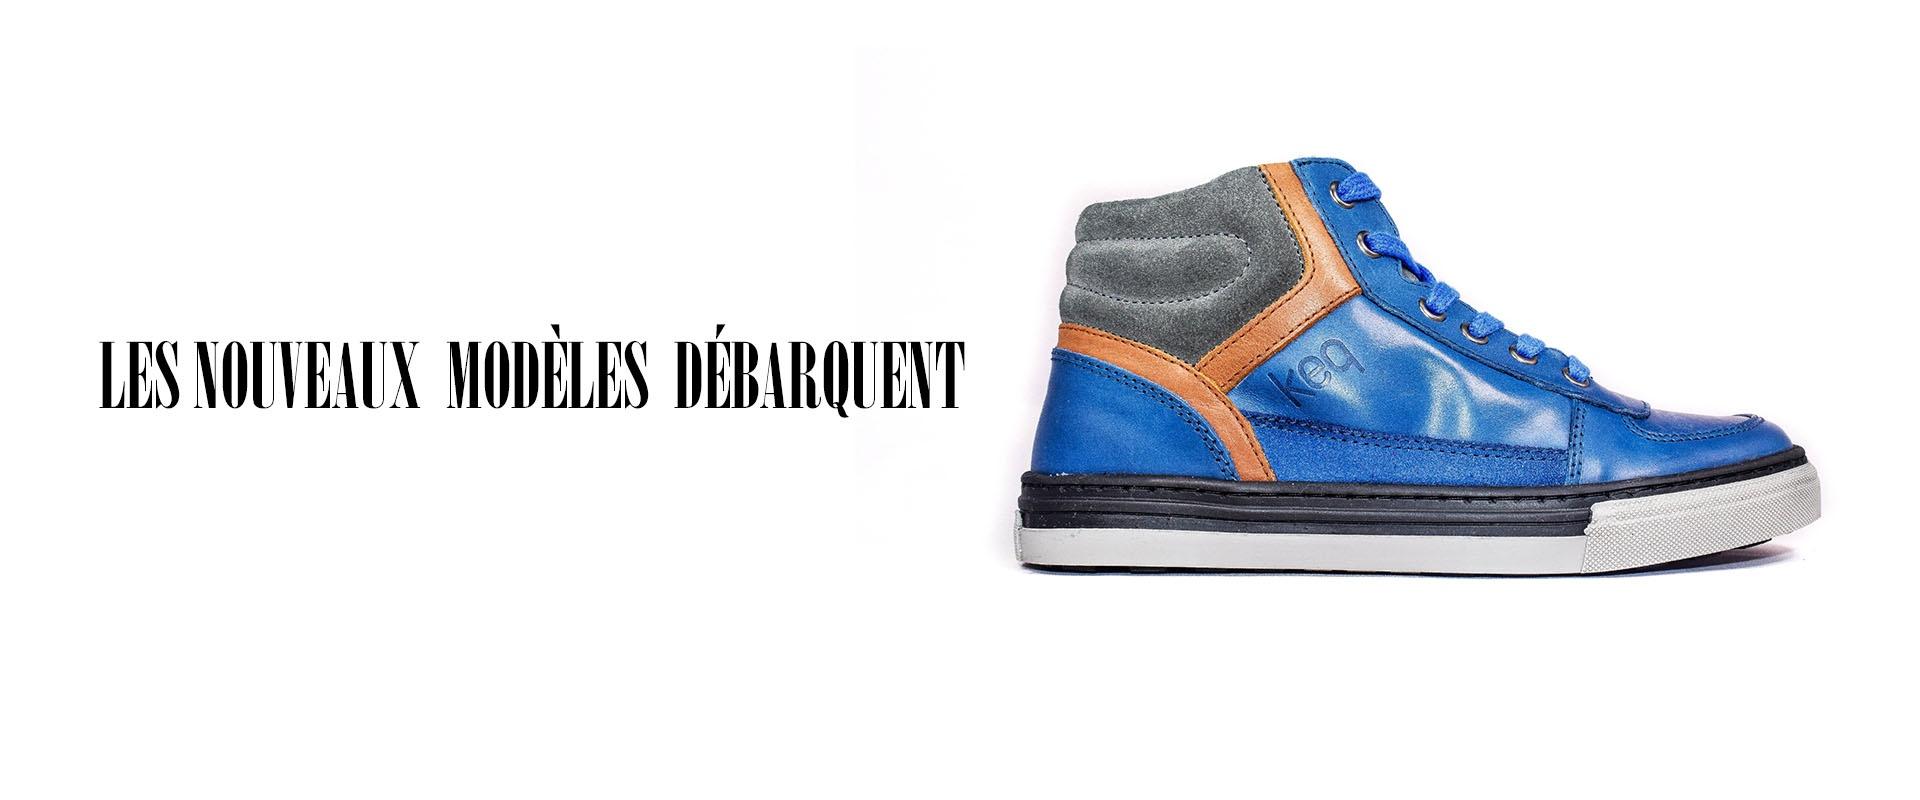 Keamo 1841 Sneakers Collection cuir Toutes les saisons